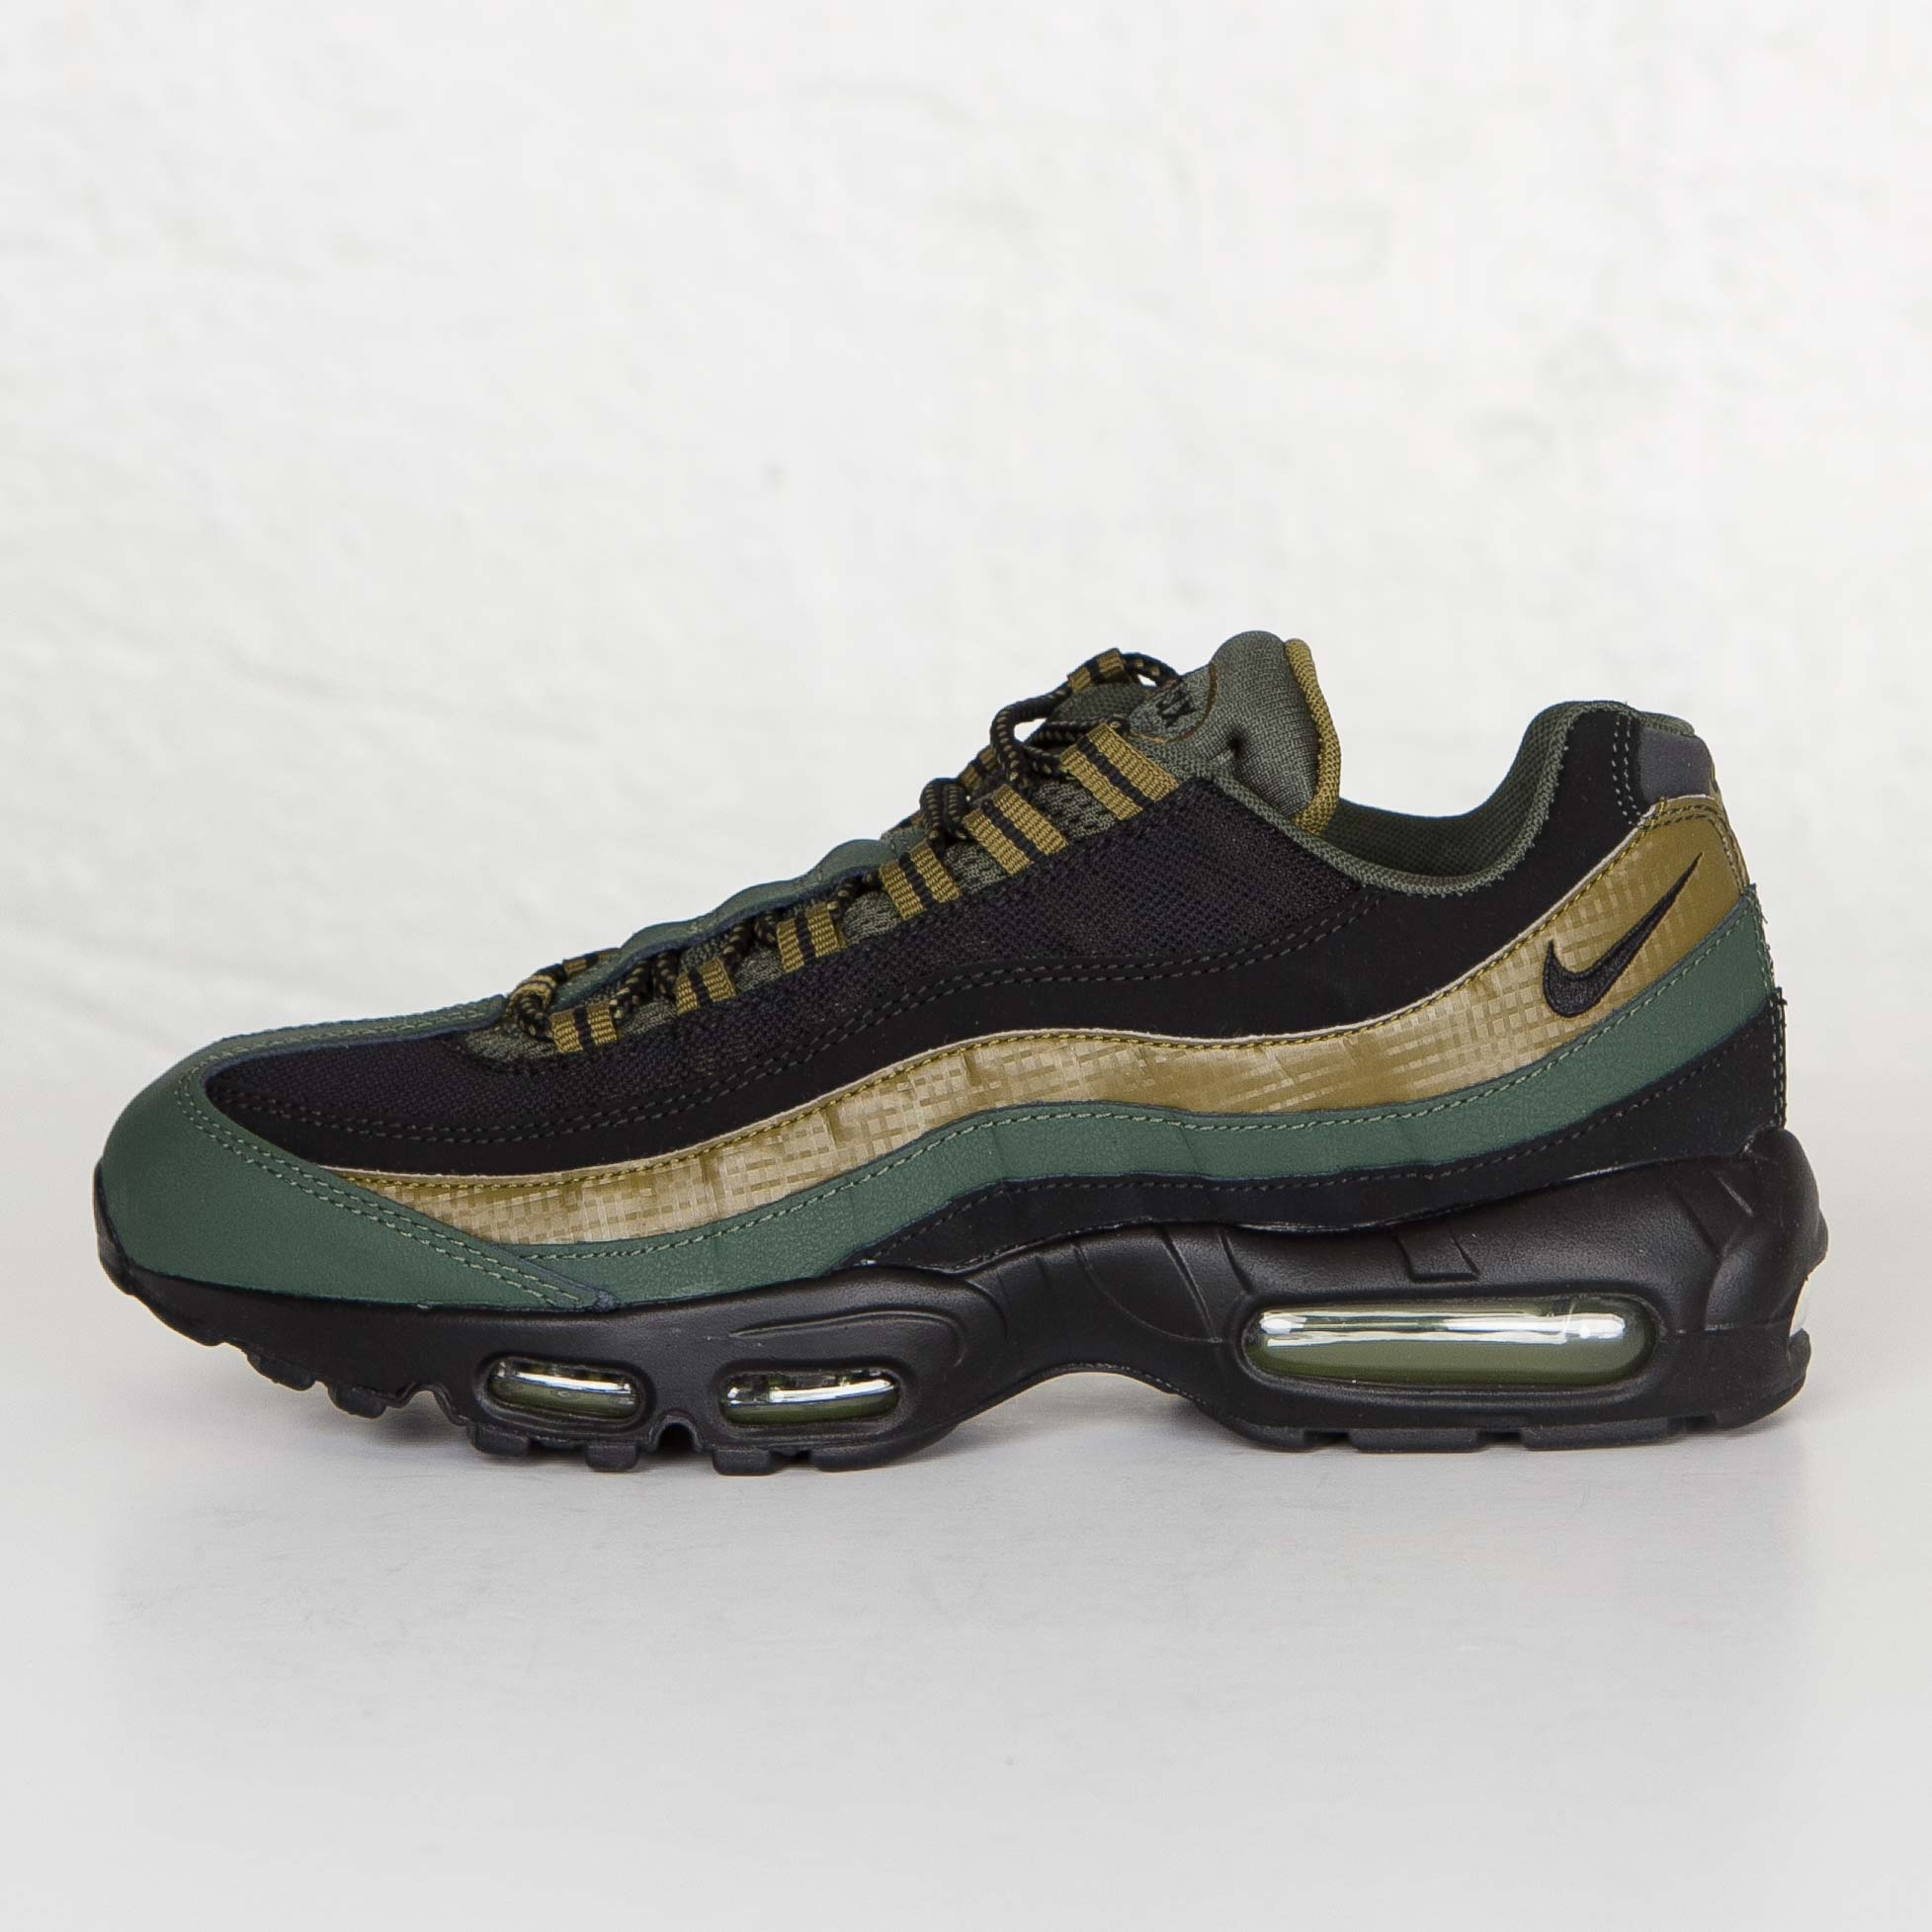 0951dee3cd4 Nike Air Max 95 Essential - 749766-300 - Sneakersnstuff | sneakers ...